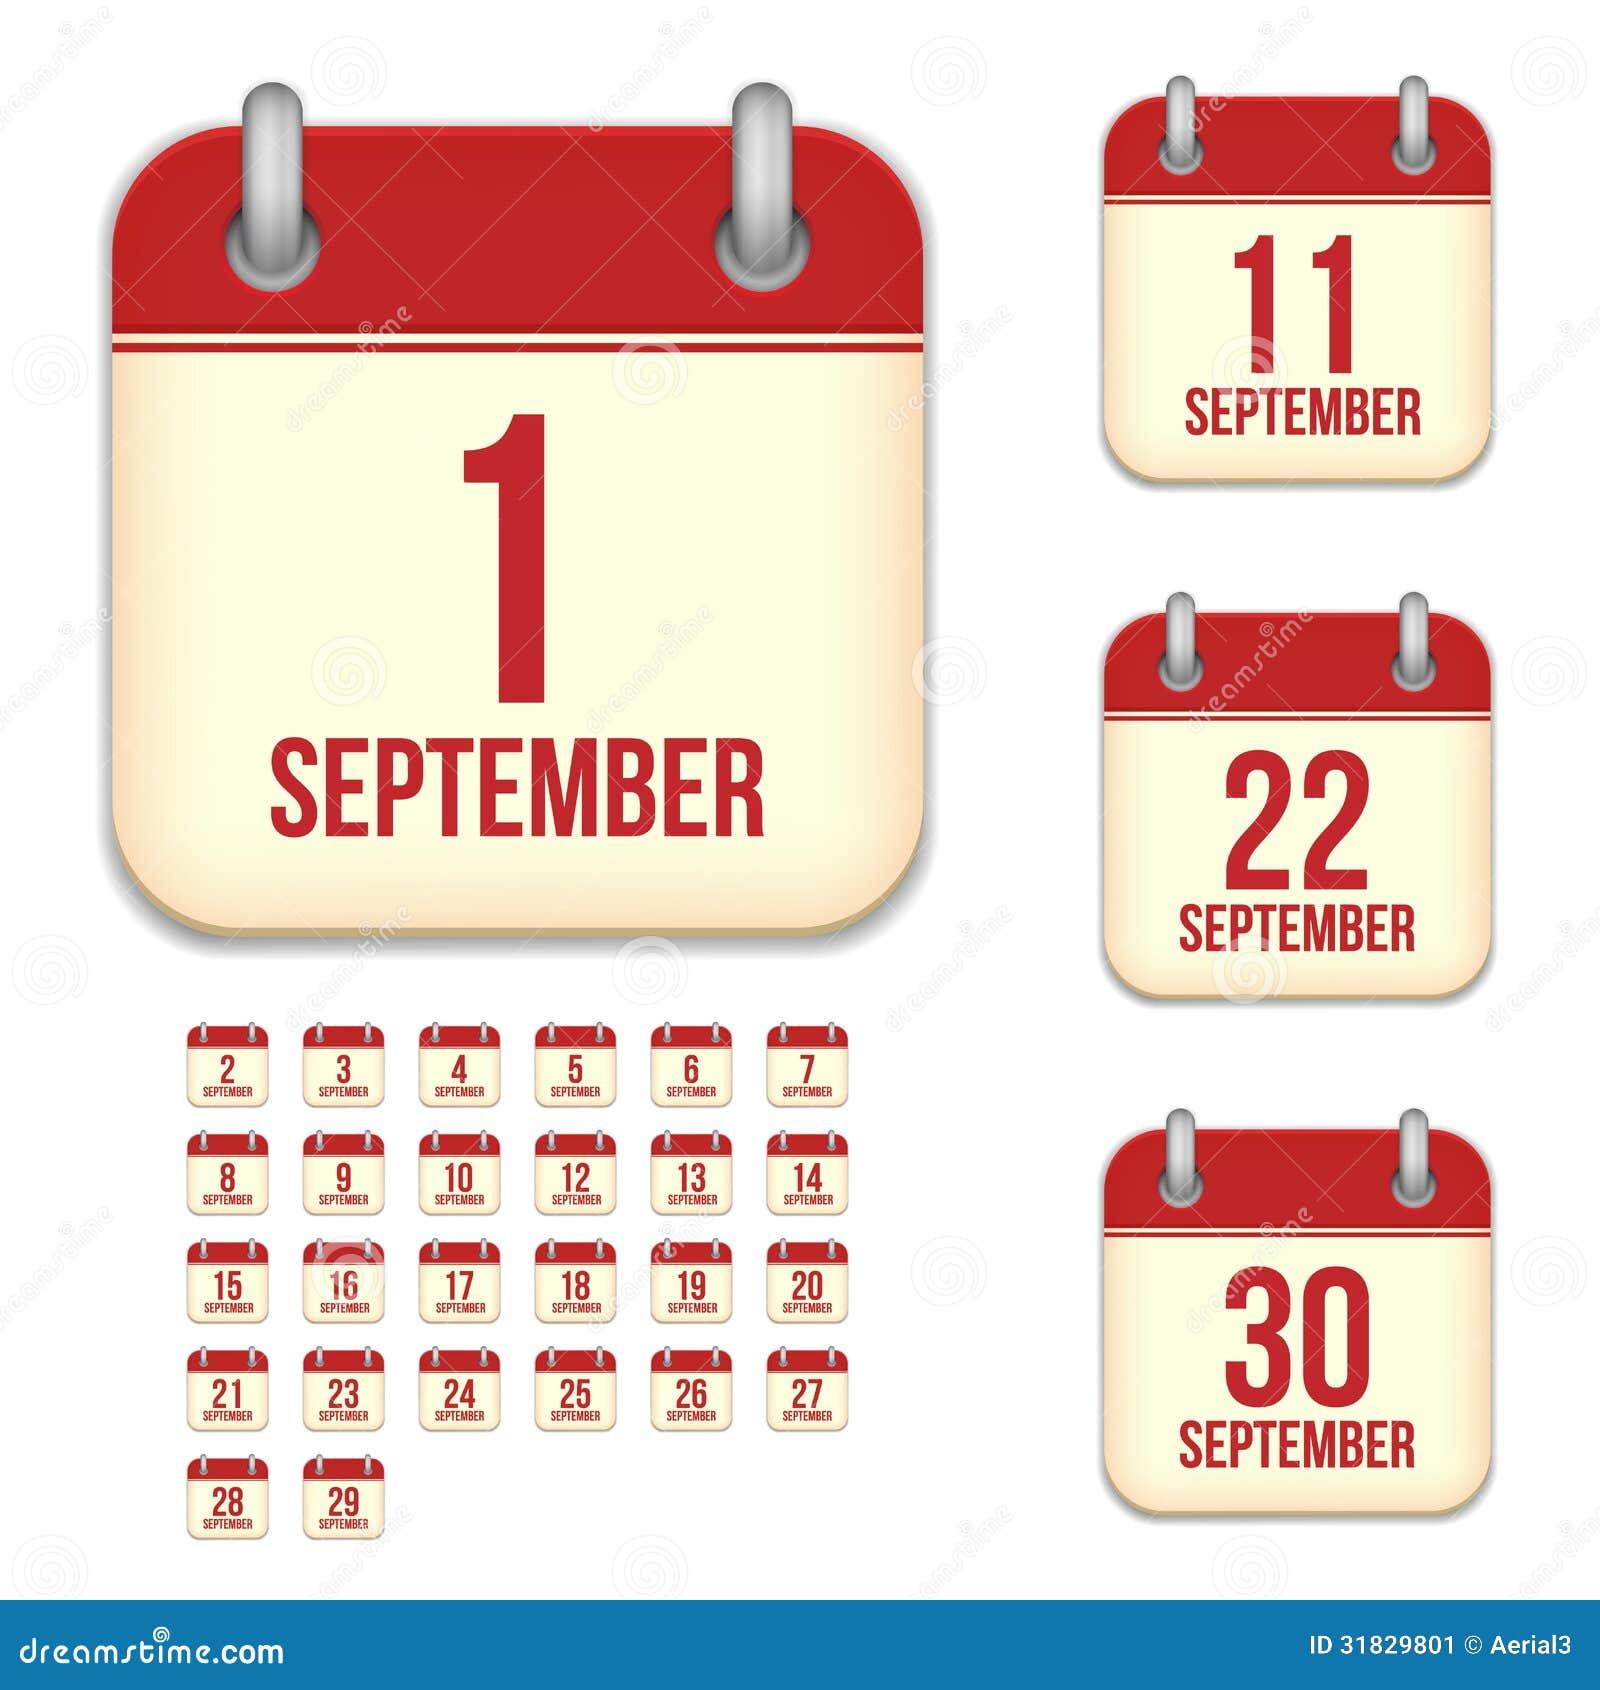 Calendar Design Icon : September vector calendar icons stock